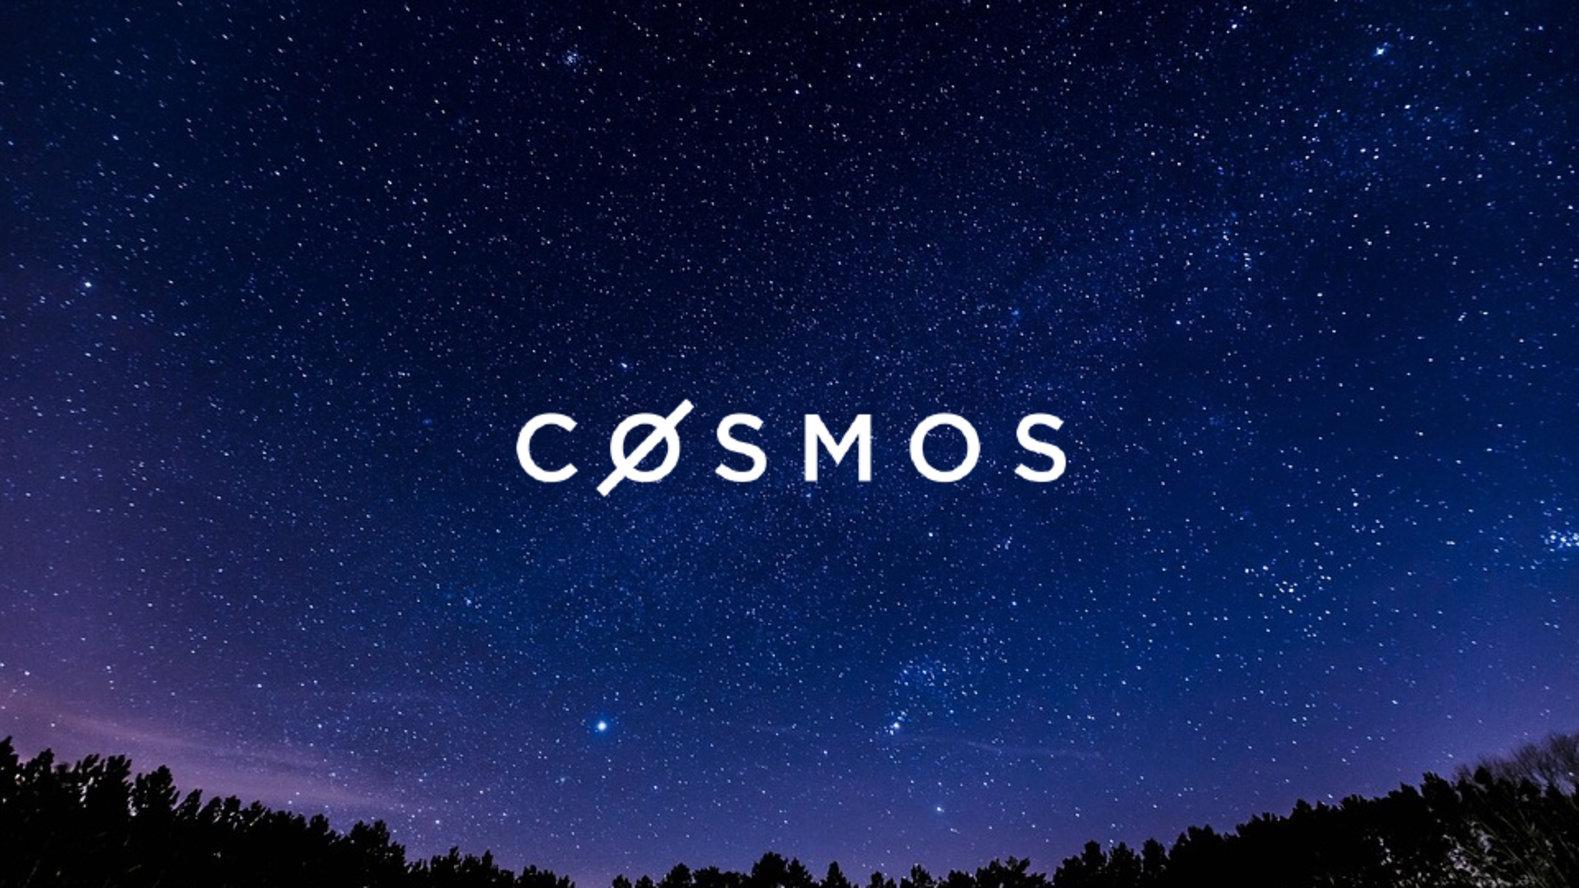 Cosmos (ATOM) is één van de belangrijkste crypto-projecten, aldus Coin Bureau